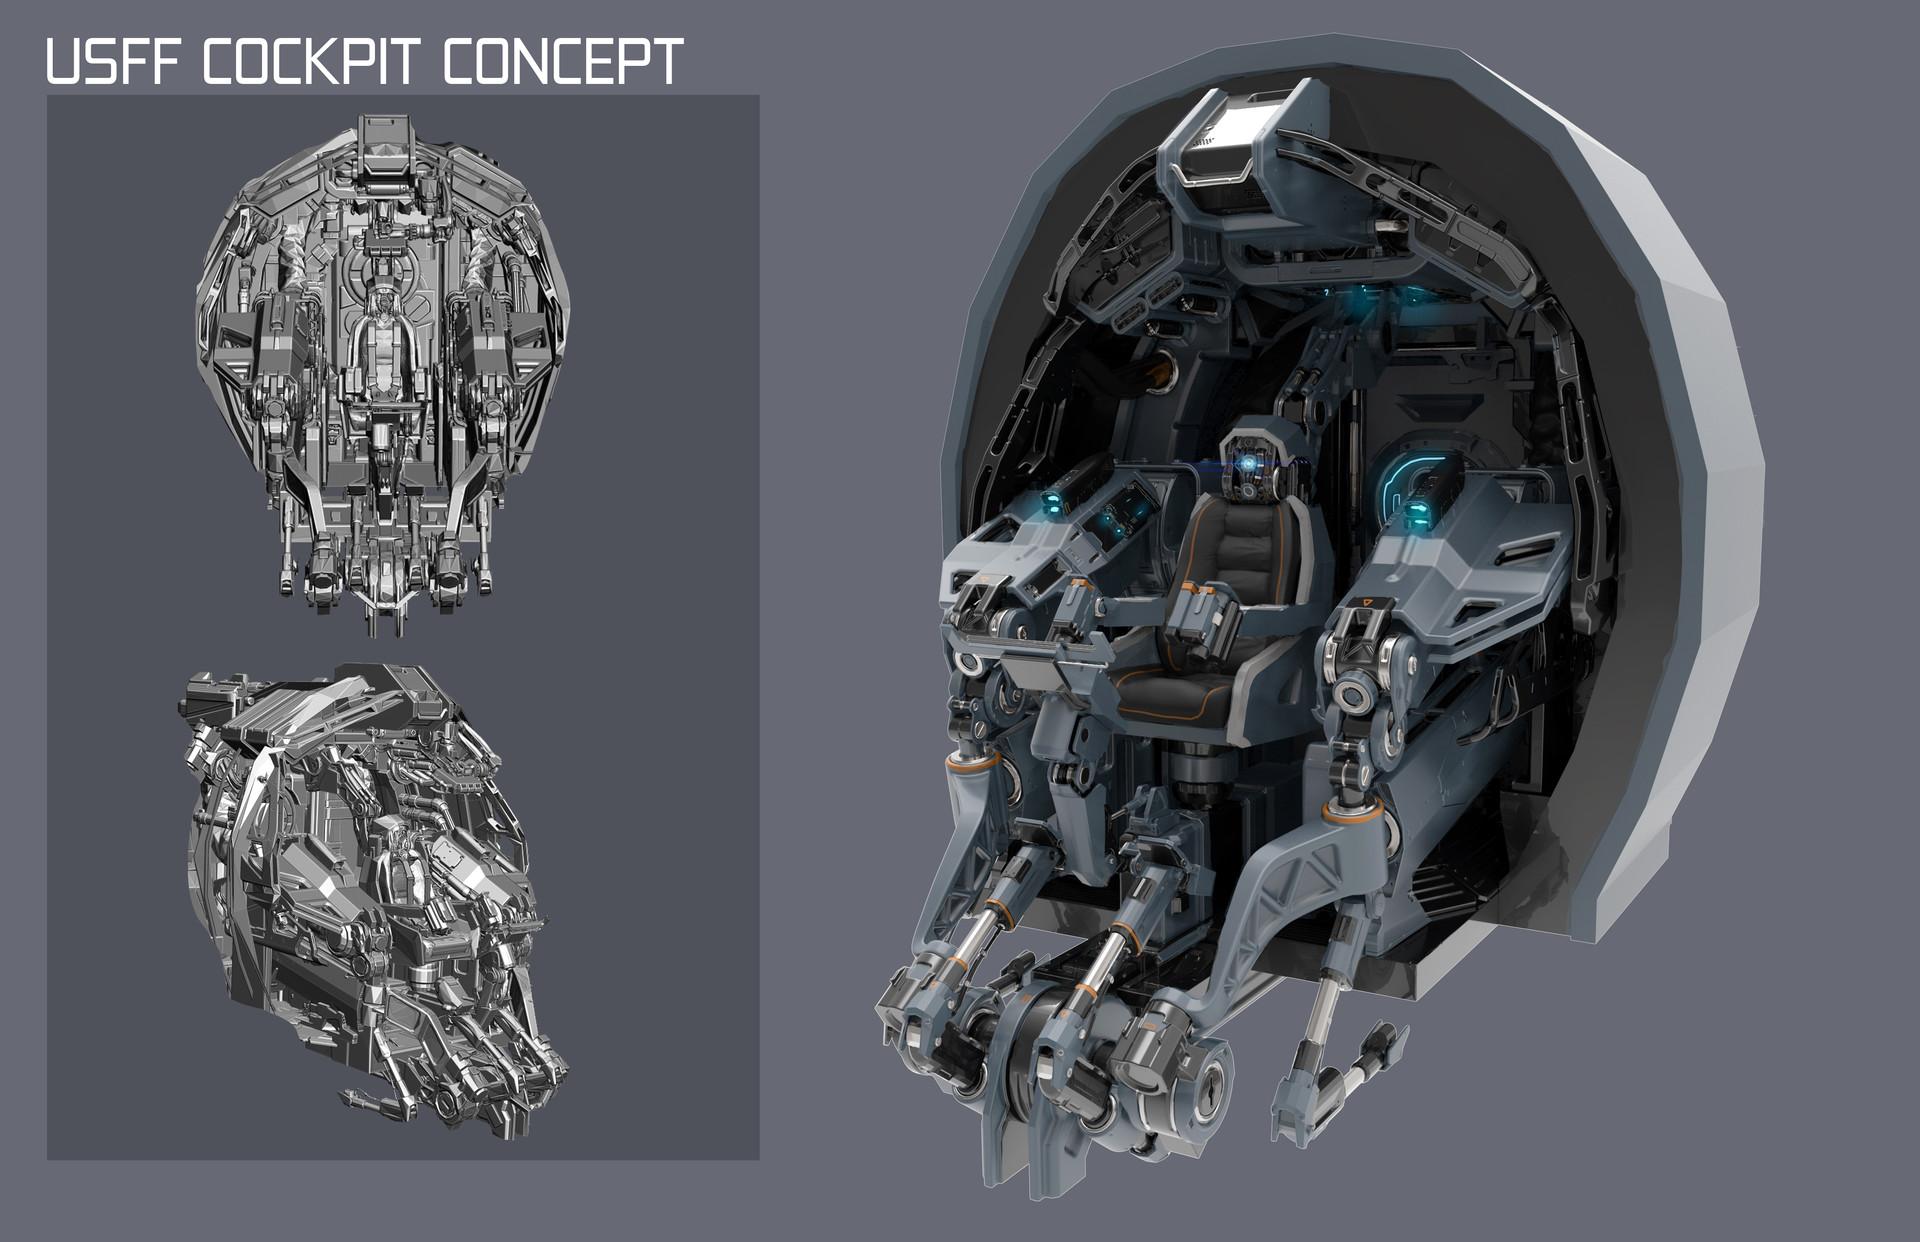 ArtStation - Archangel Hellfire Cockpits, bryant Koshu